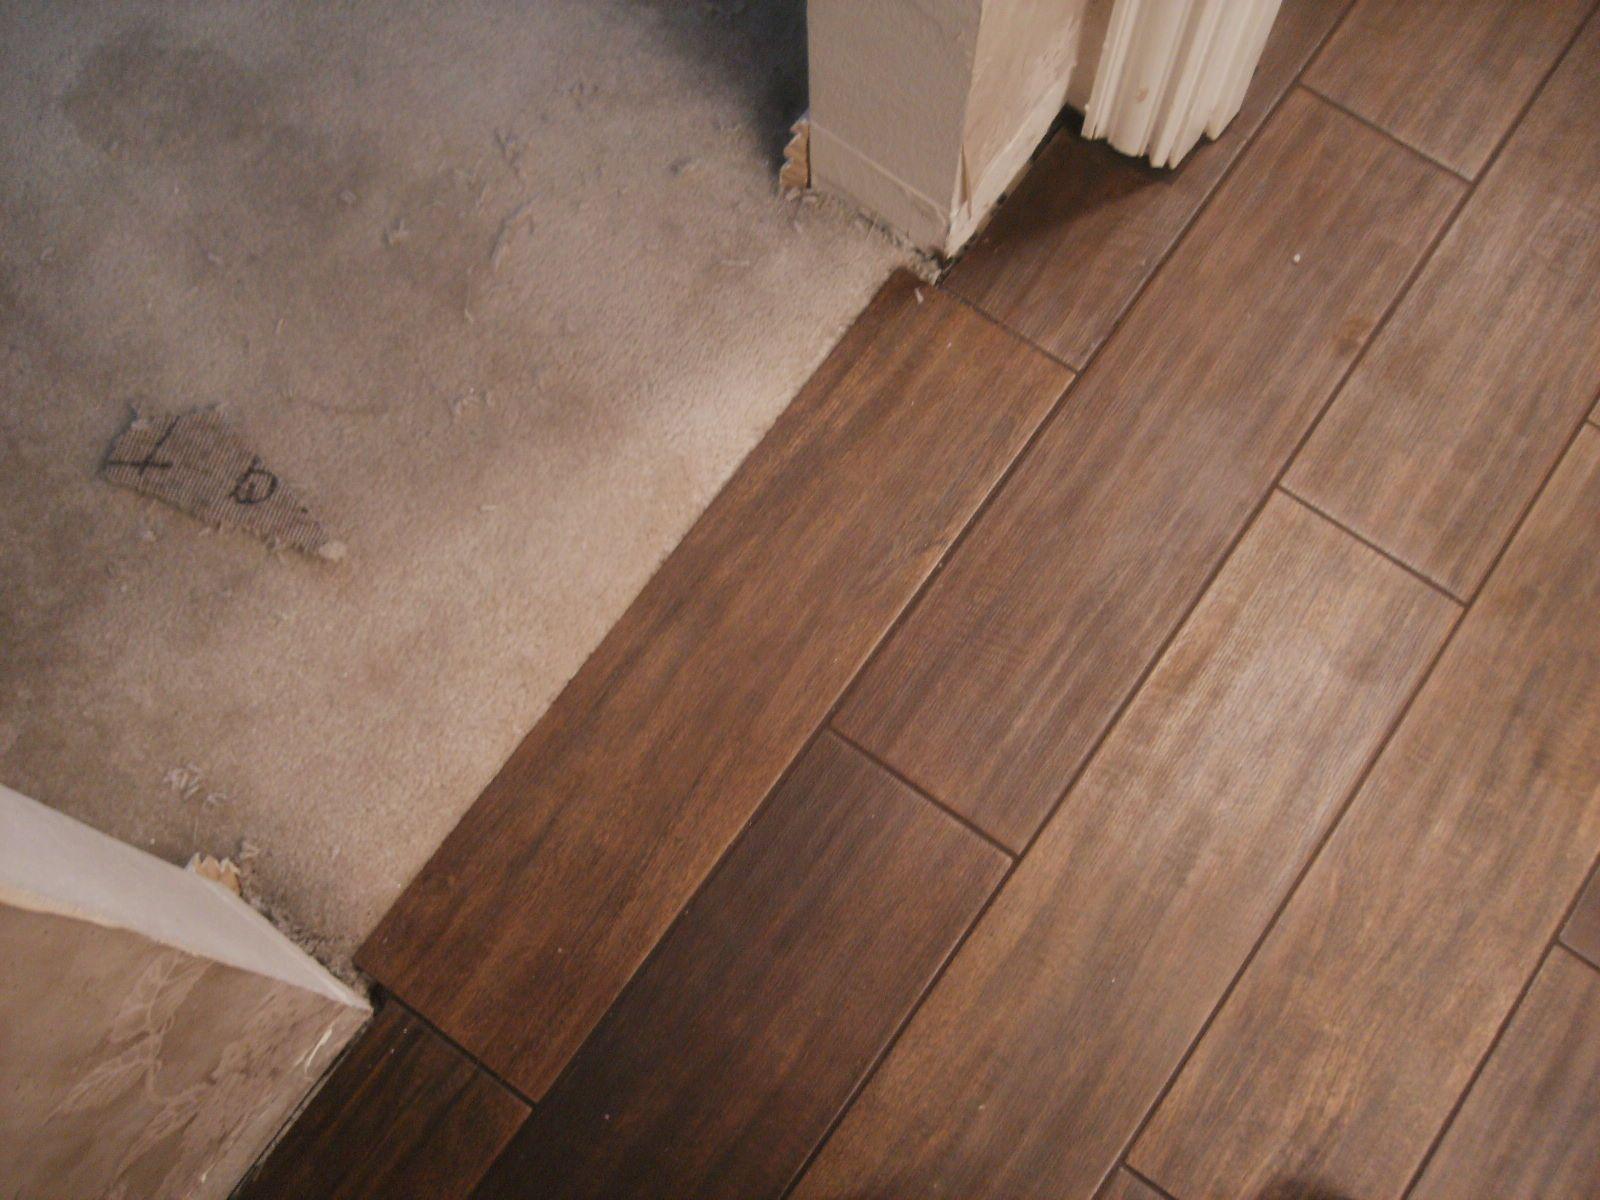 Tile Flooring Looks Like Wood Planks Wood Flooring Is The Most